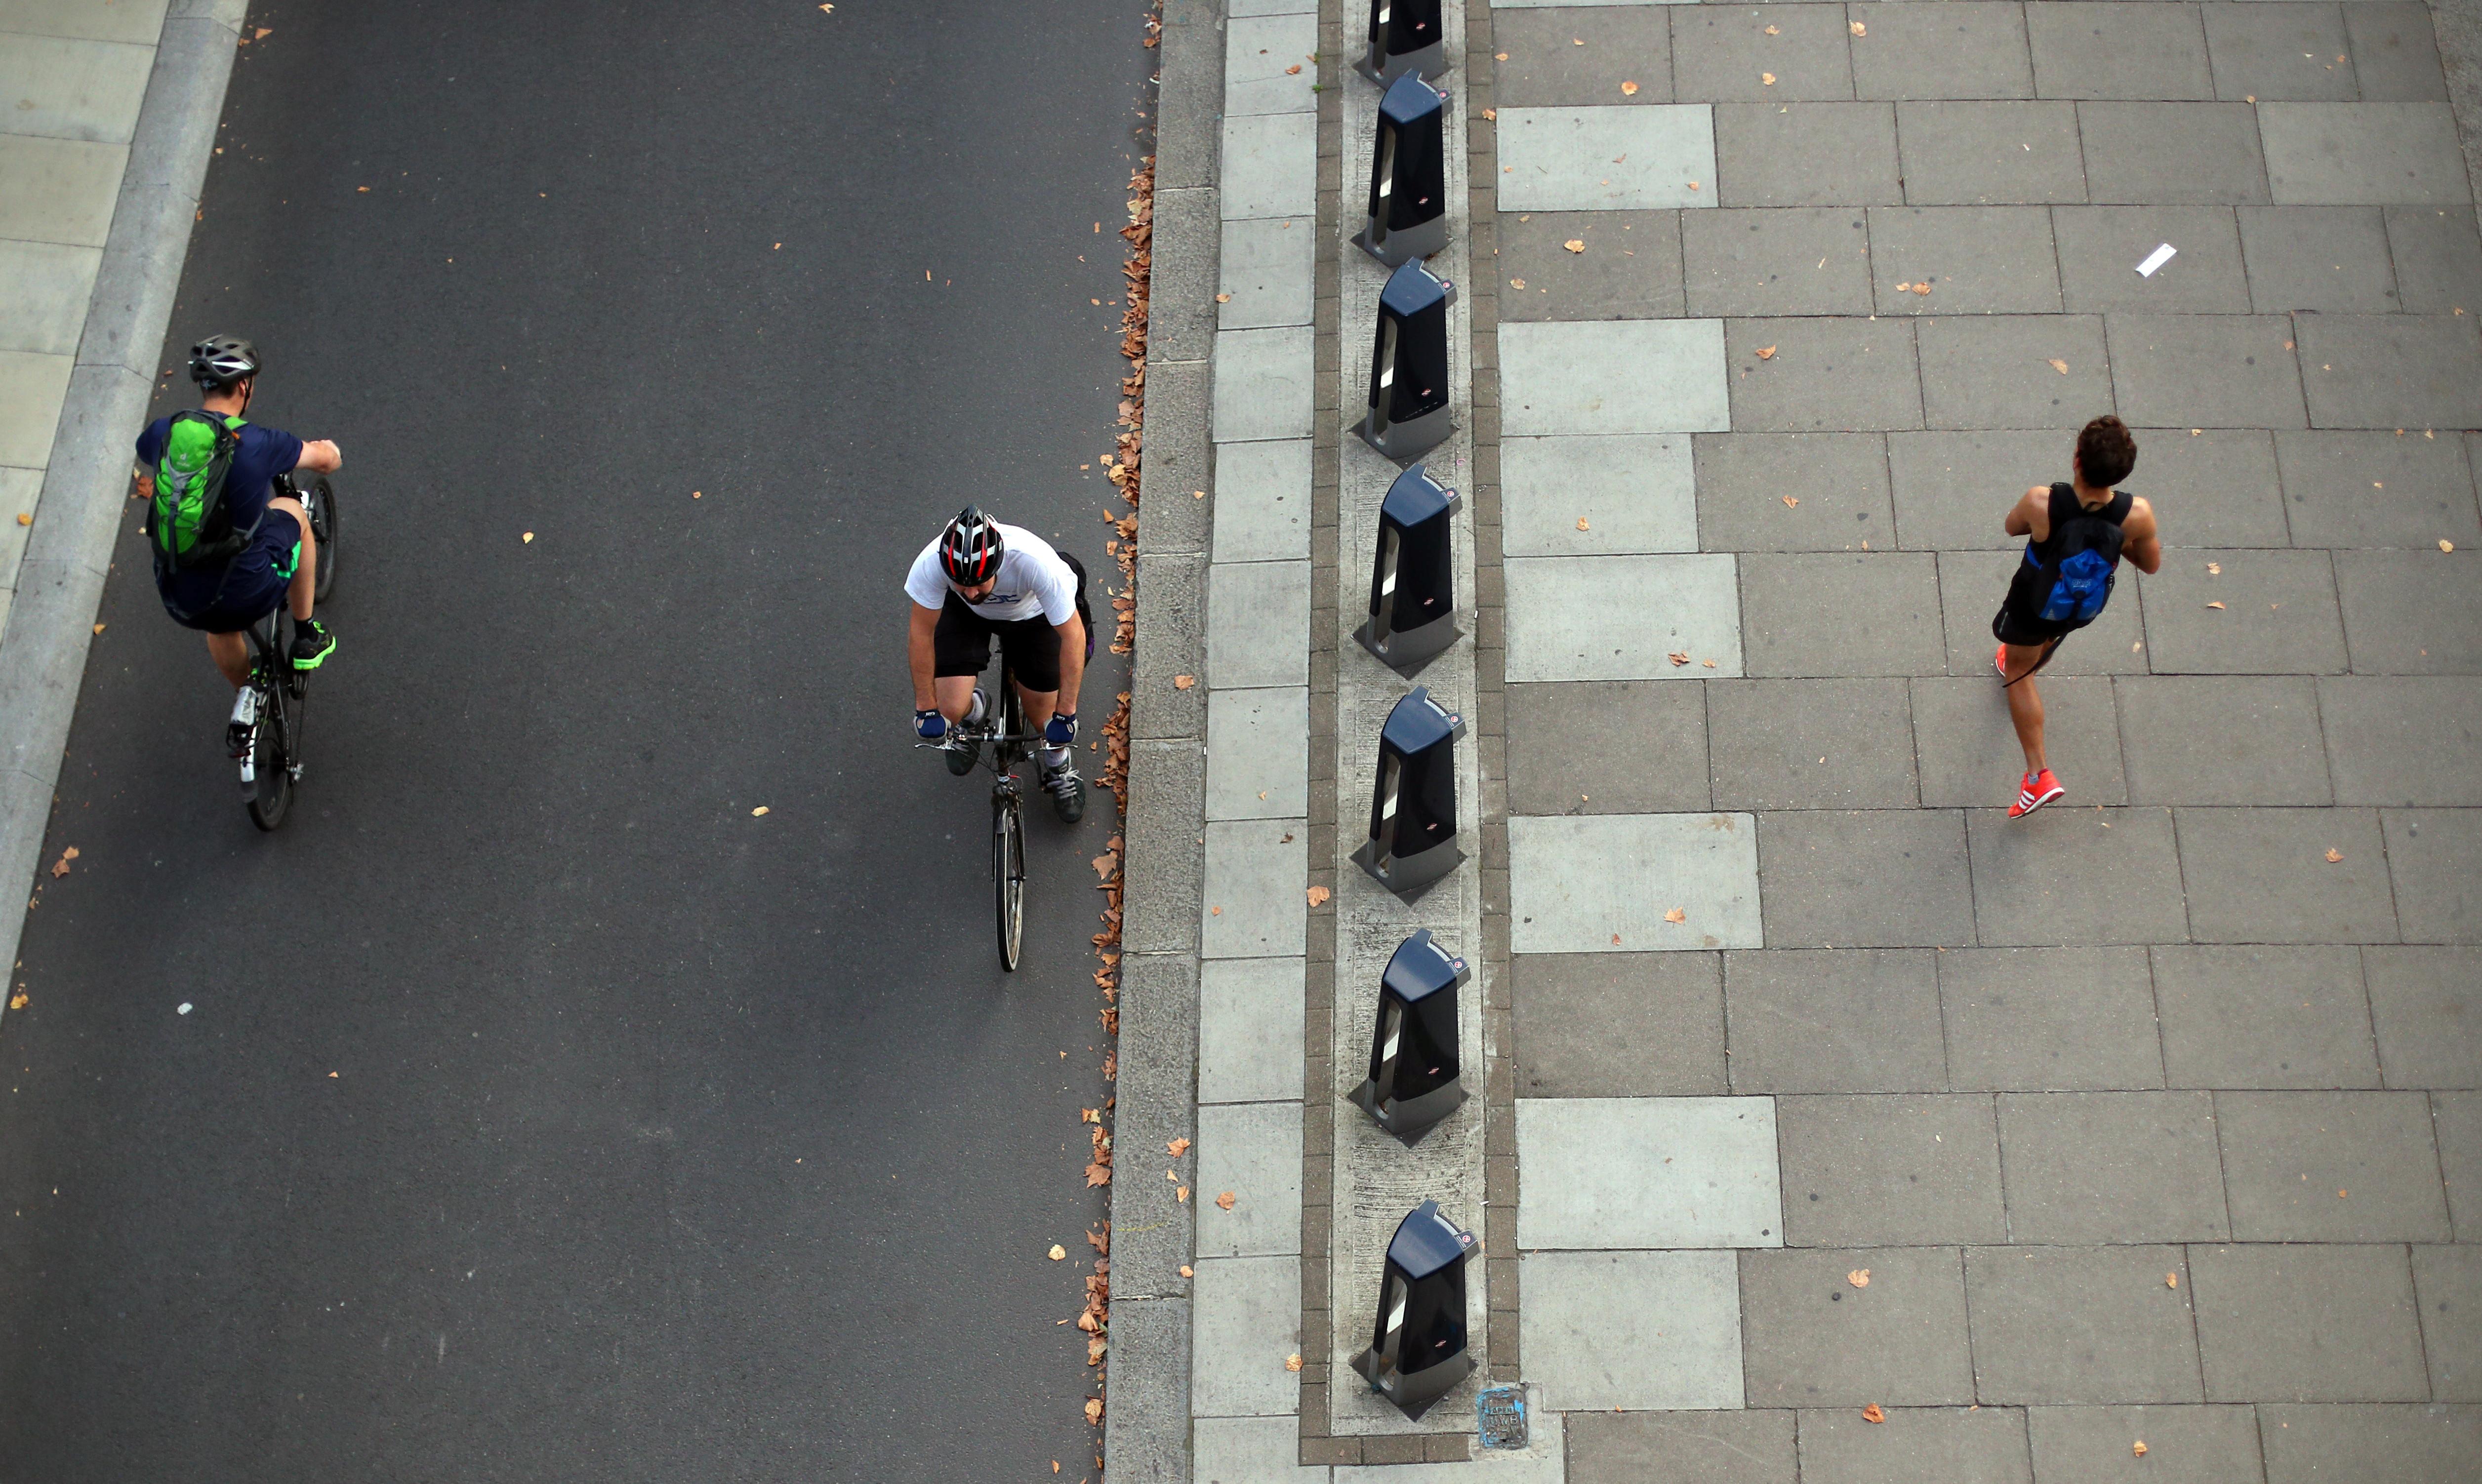 Les cyclistes passent un jogger le long de la digue pendant l'heure de pointe du matin dans le centre de Londres